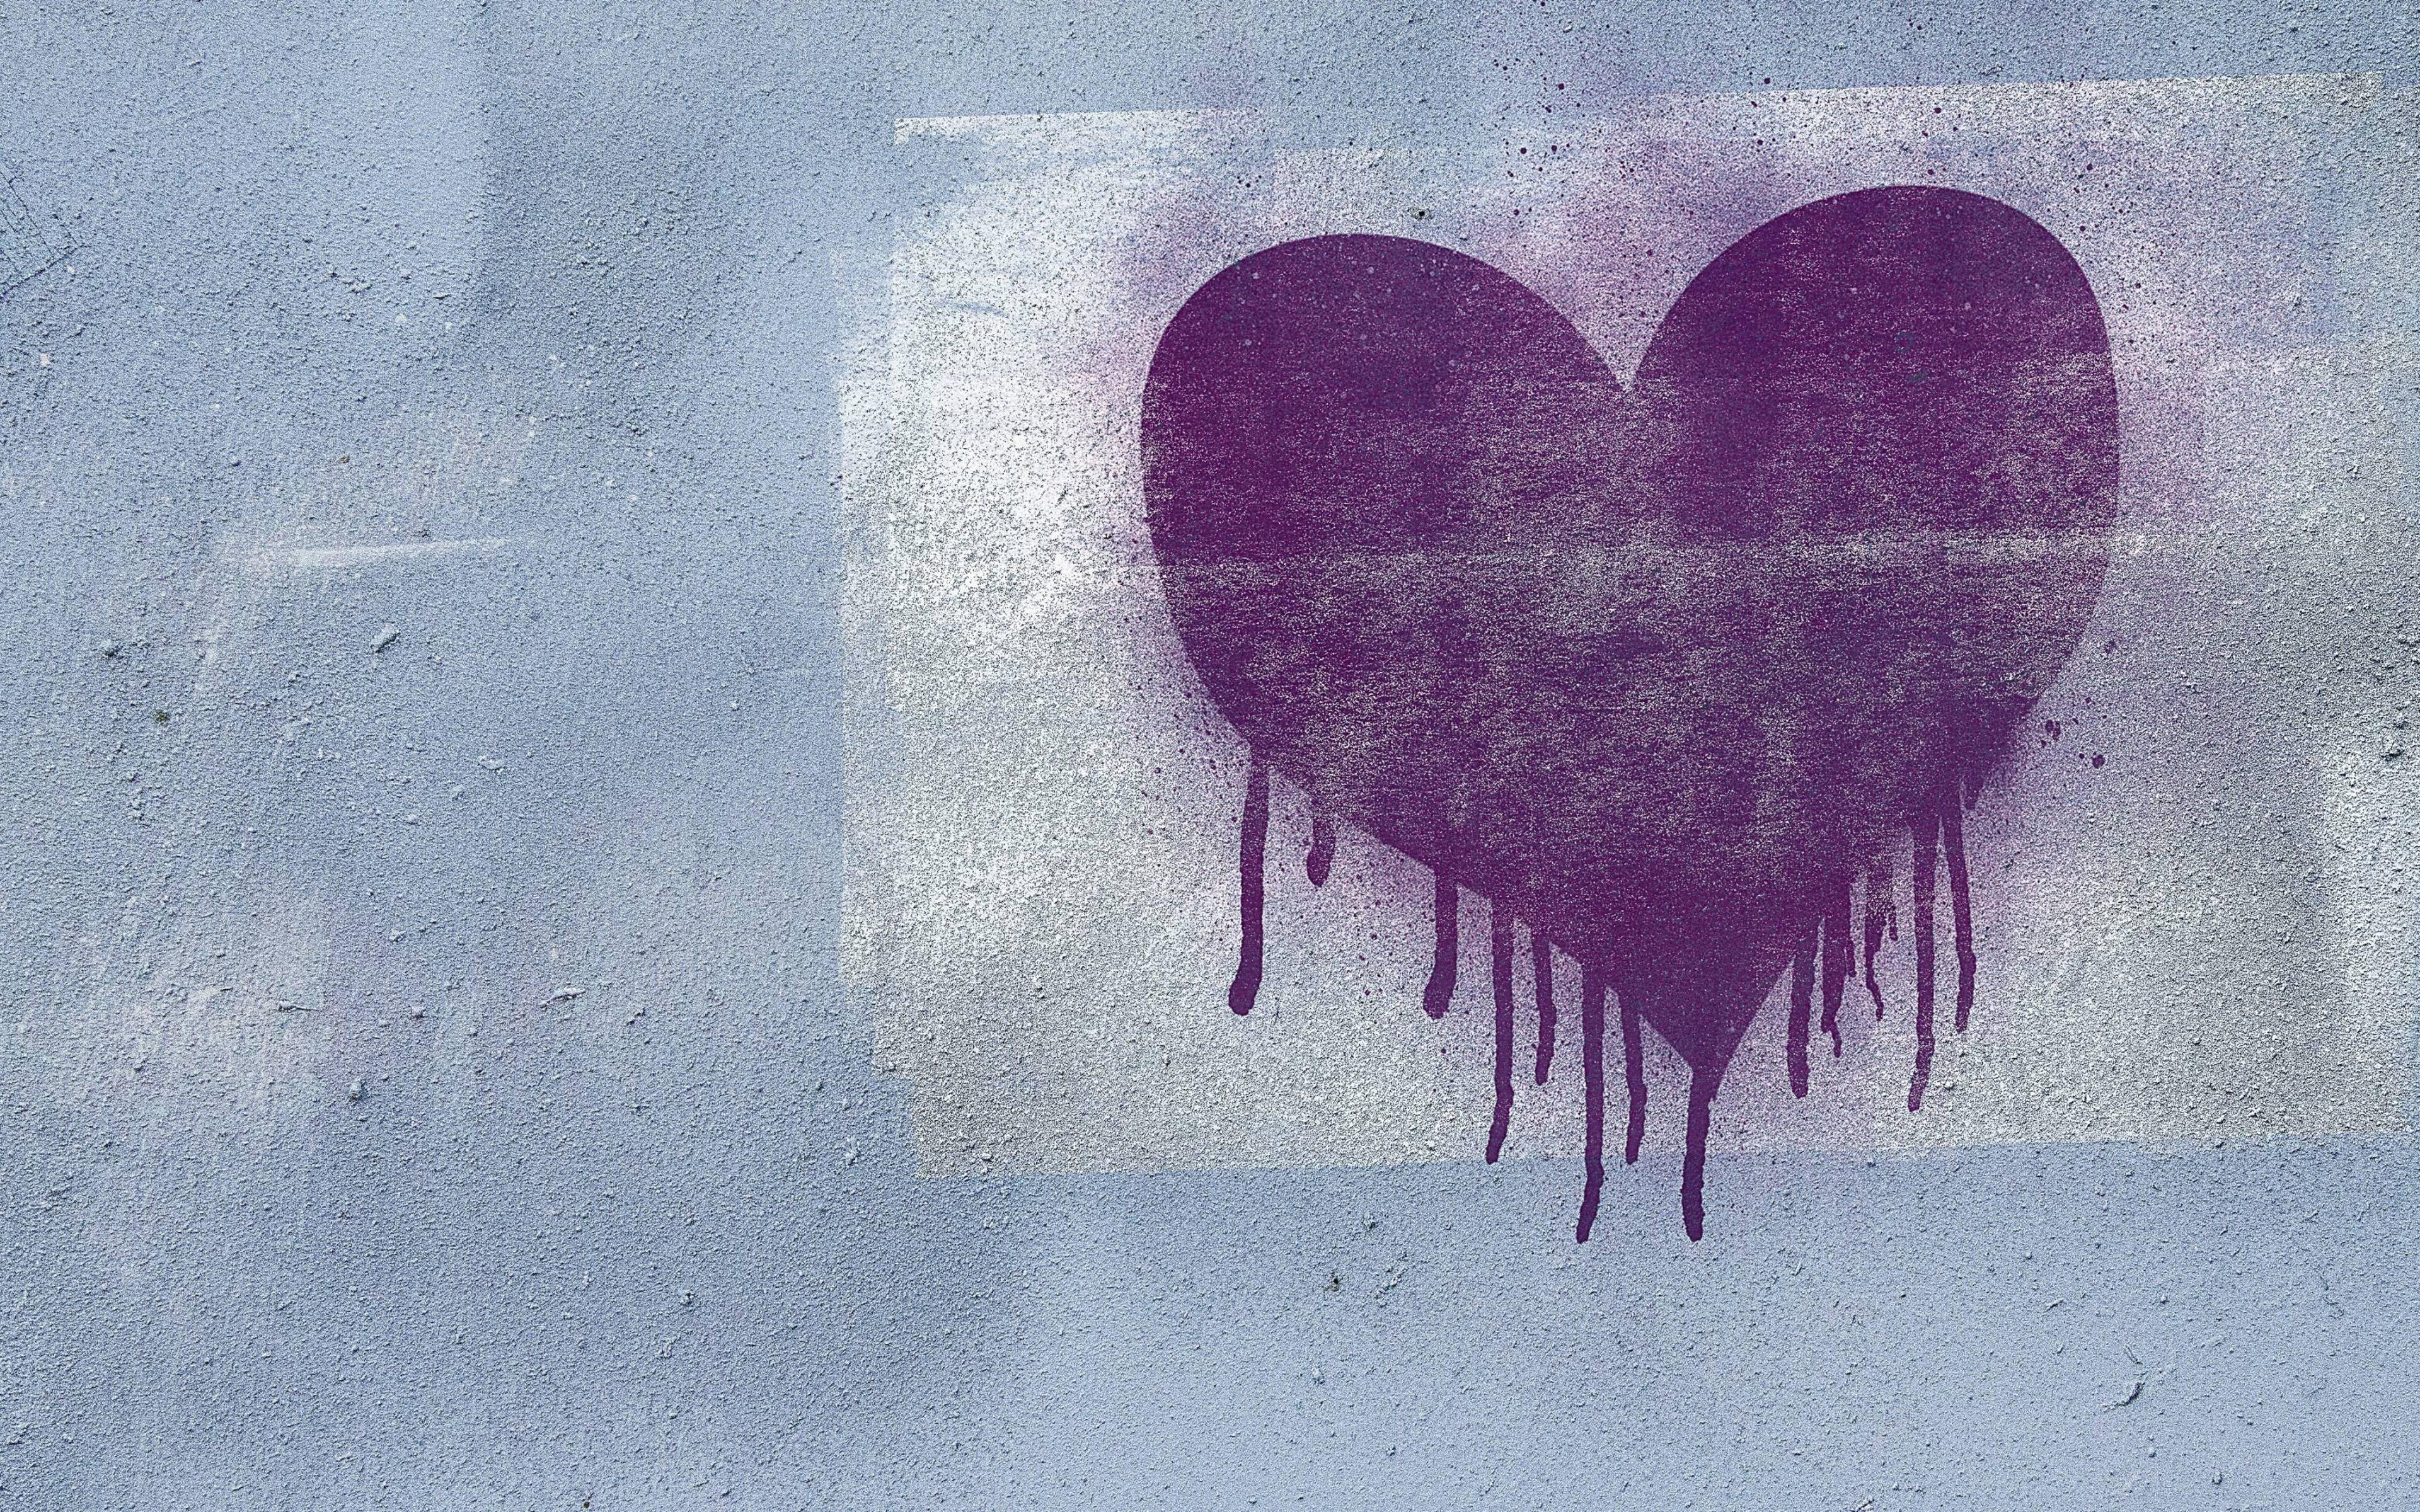 heart-graffiti-4k.jpg